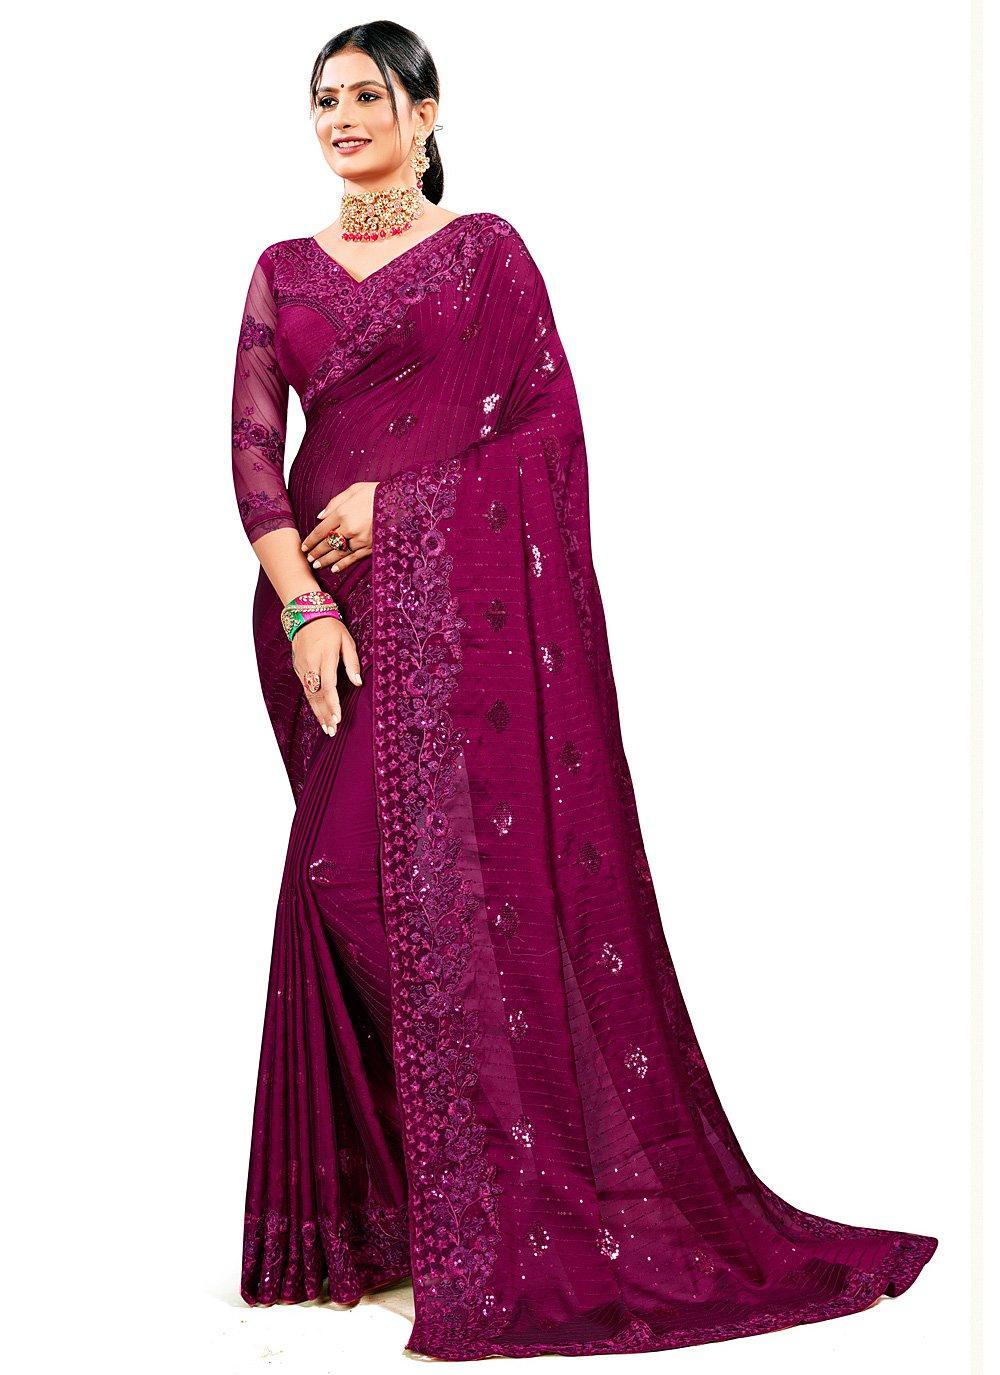 Resham Georgette Satin Designer Saree in Wine